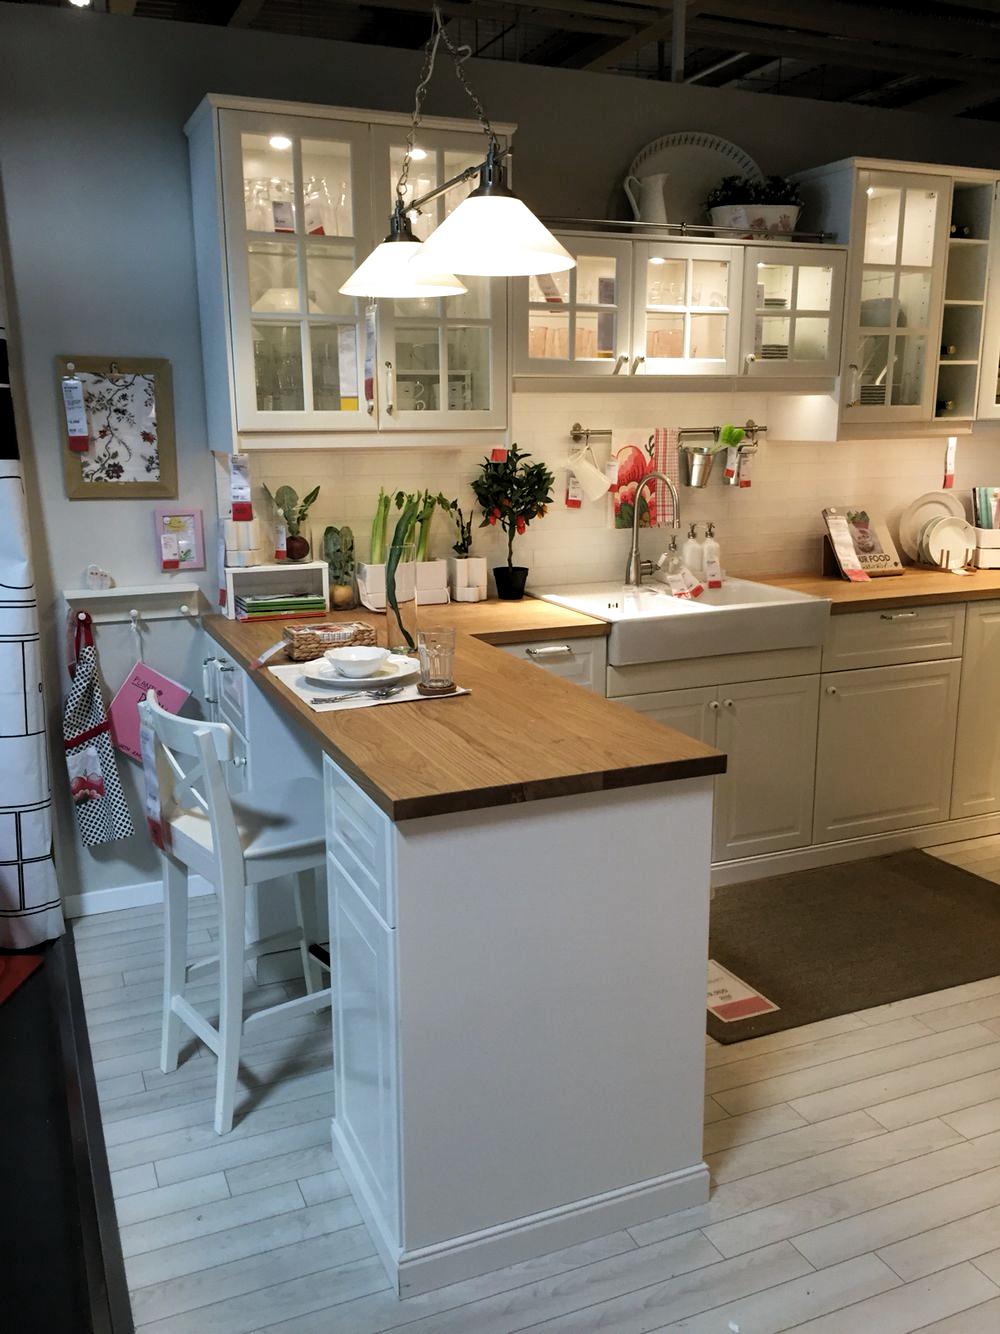 Pin Von Anne Kreft Auf Heiss Begehrt In 2020 Ikea Kuche Landhaus Haus Kuchen Wohnung Kuche